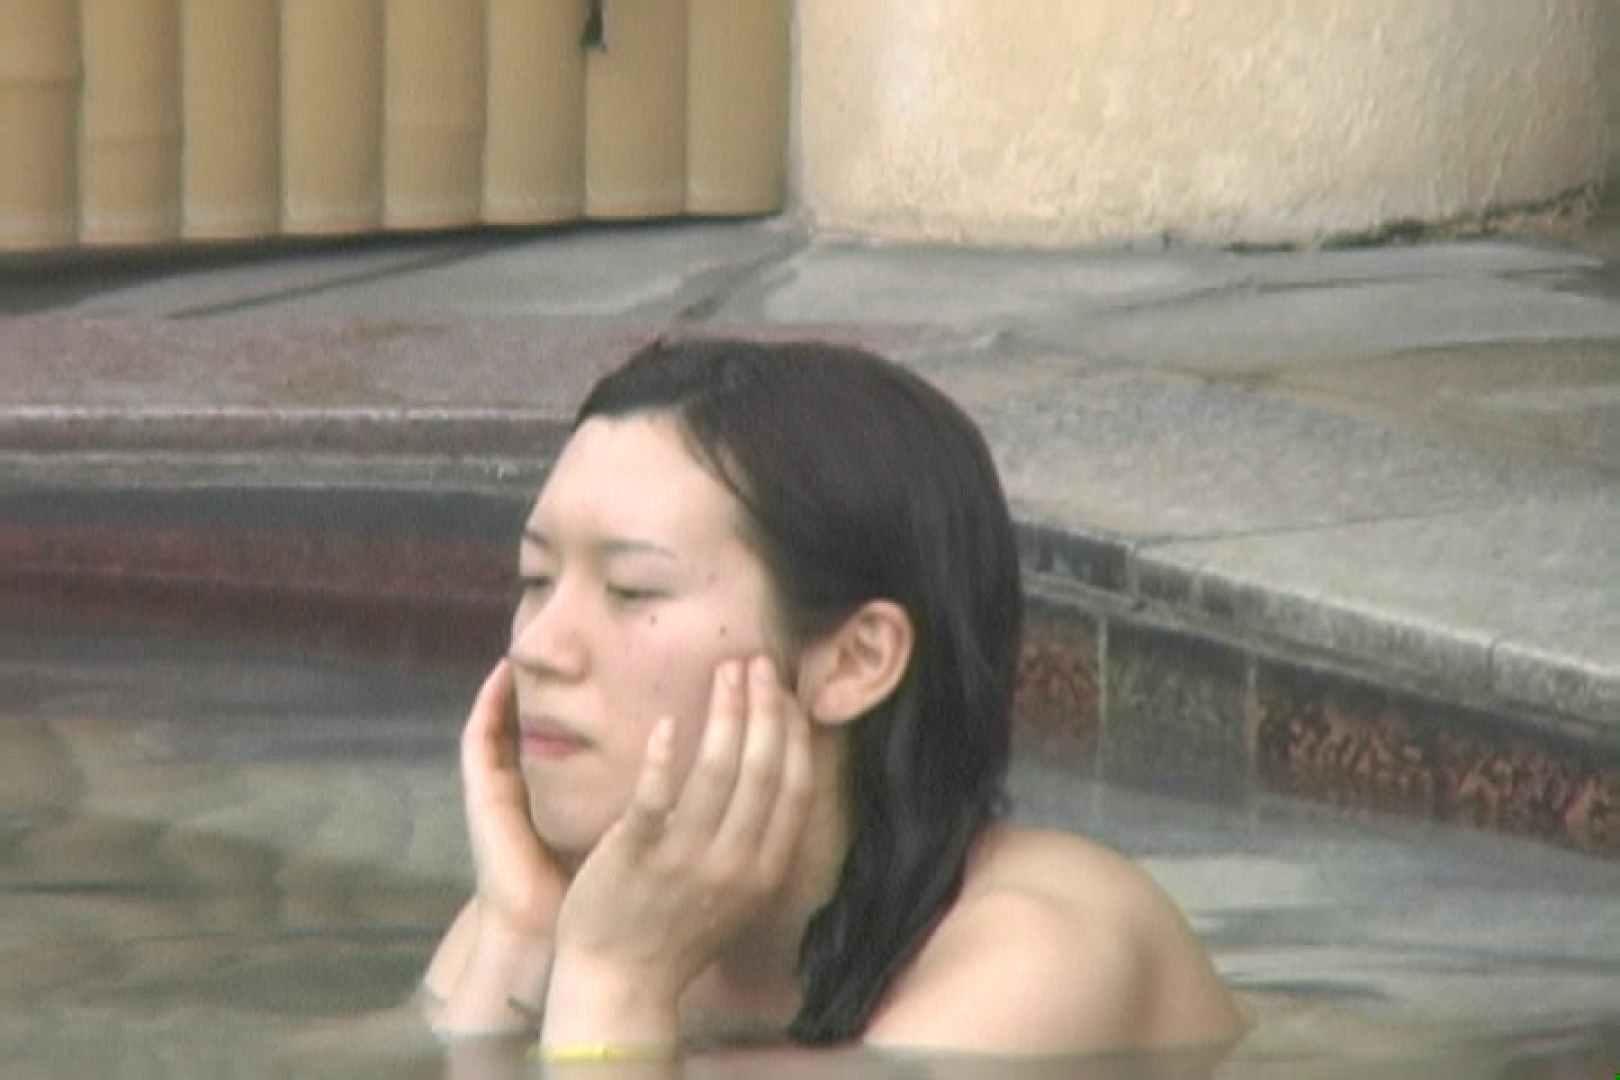 高画質露天女風呂観察 vol.010 OLエロ画像 盗撮ヌード画像 107PICs 16